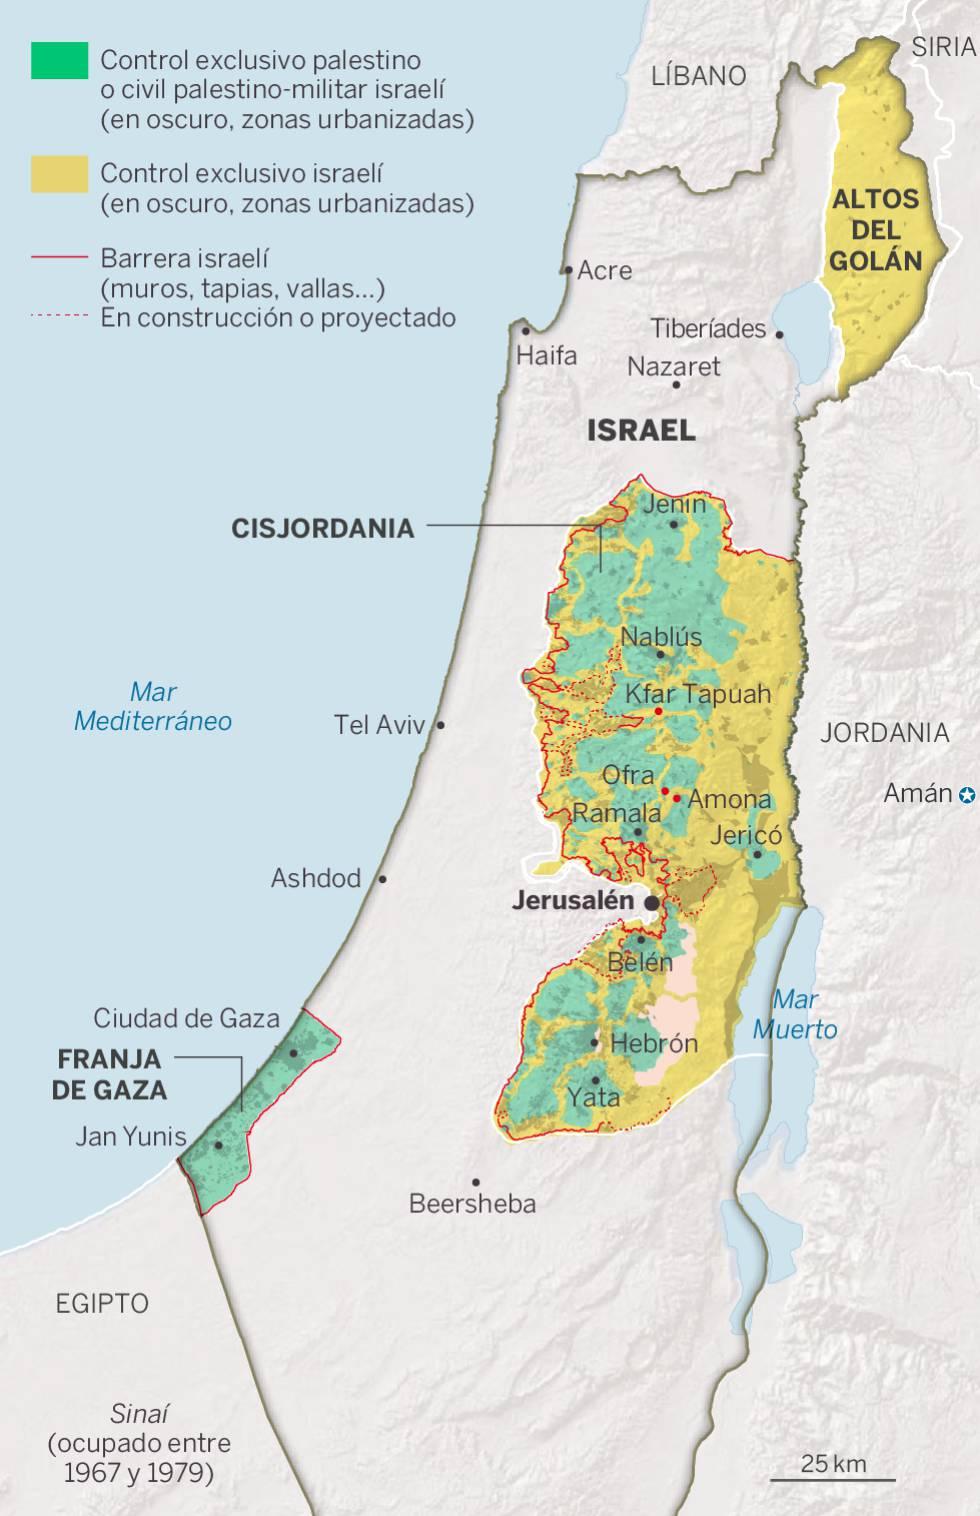 La interminable ocupación israelí de Palestina: 50 años sin paz, ni territorio